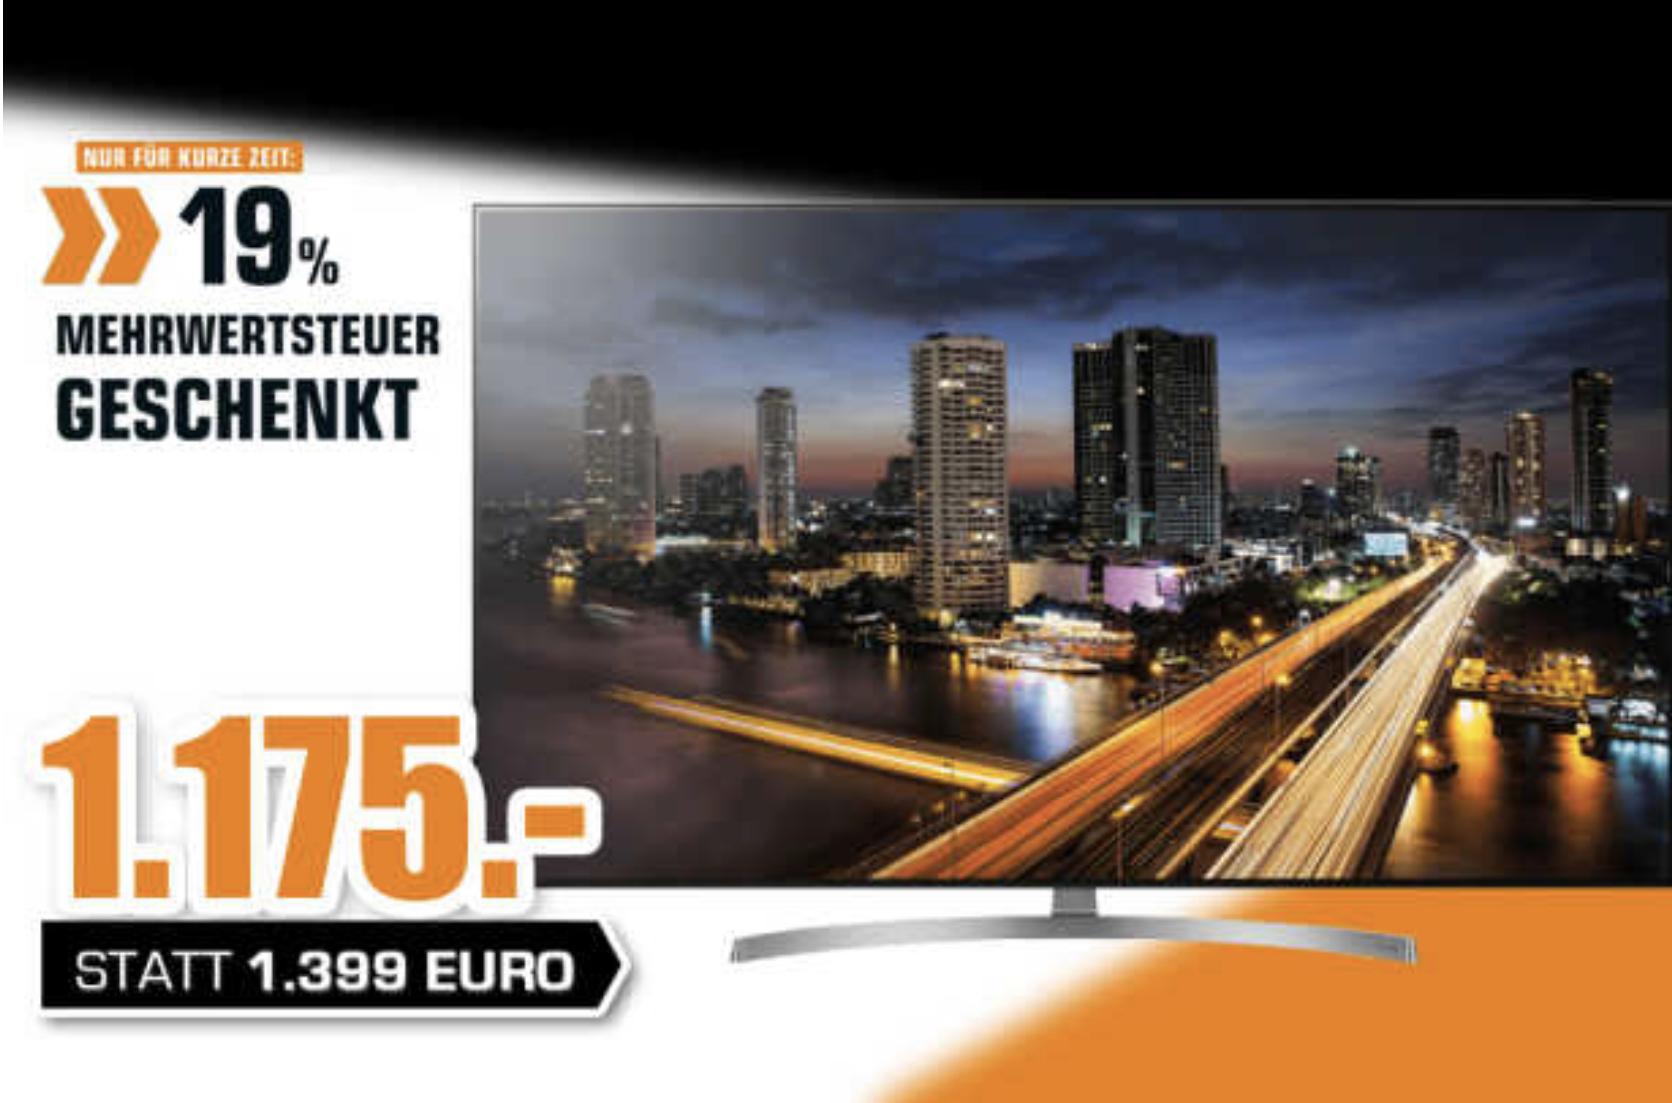 Saturn Bergisch-Gladbach: LG OLED65B87LC OLED TV für 1175€ (ausverkauft) / Sony KD-65XF7005 65 Zoll 4K UHD TV für 545€ - nur am Sonntag!